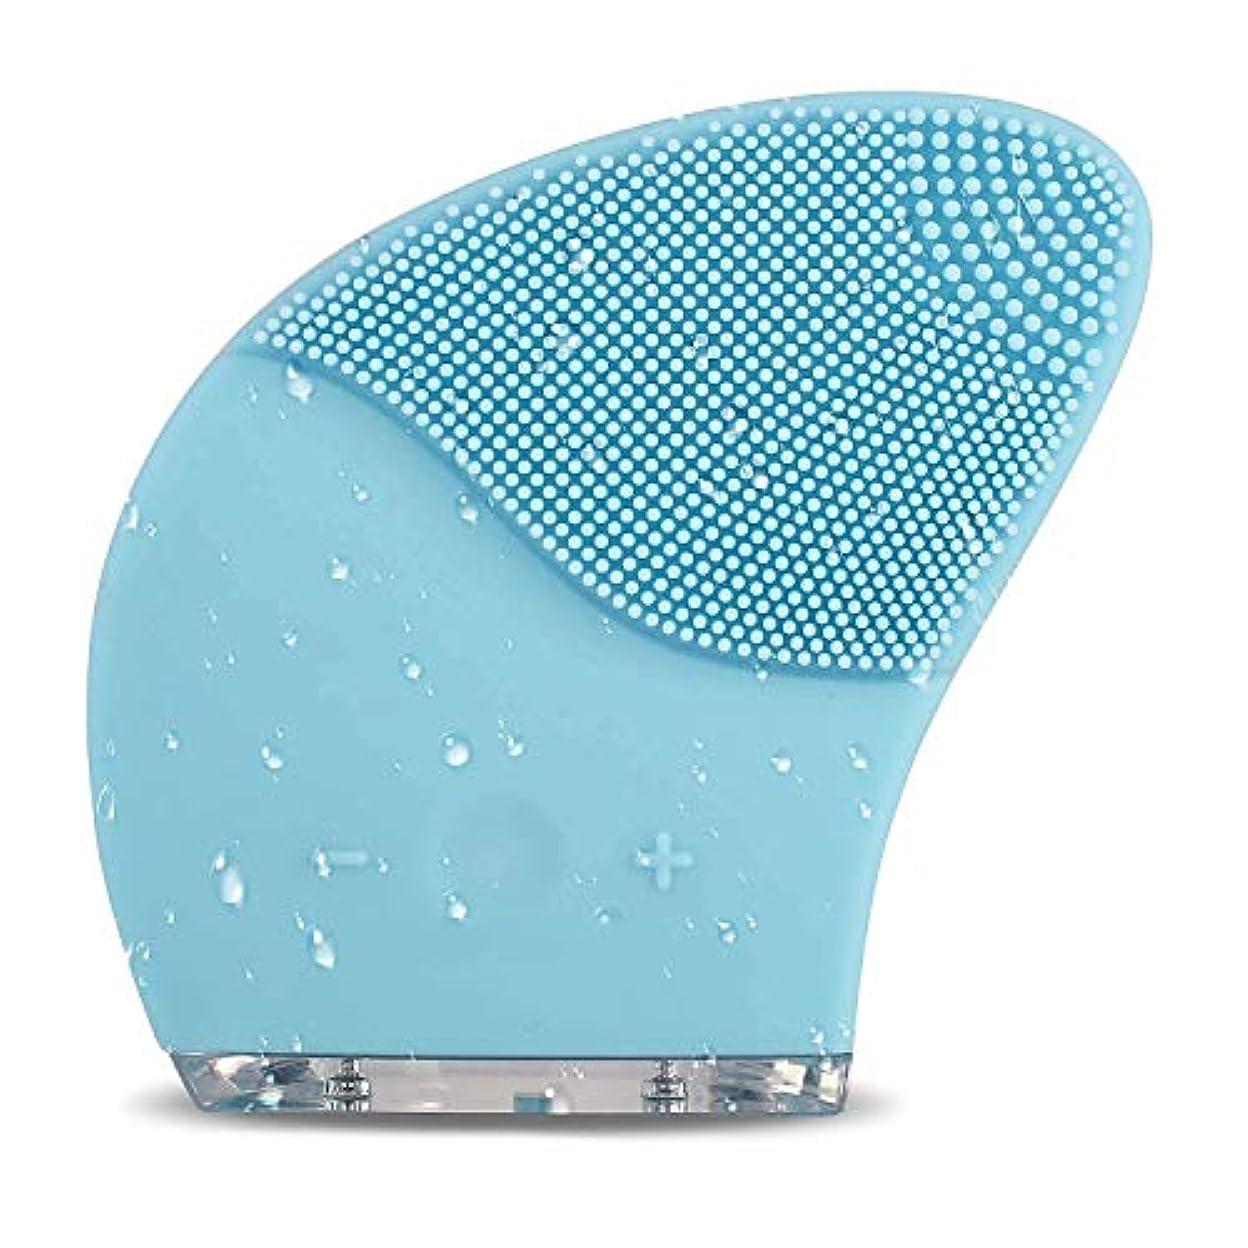 八百屋傷つけるデイジーフェイシャルクレンジングブラシフェイススクラバーIP66防水電動フェイスクレンザーとすべての肌タイプのマッサージブラシ、USB充電式、青